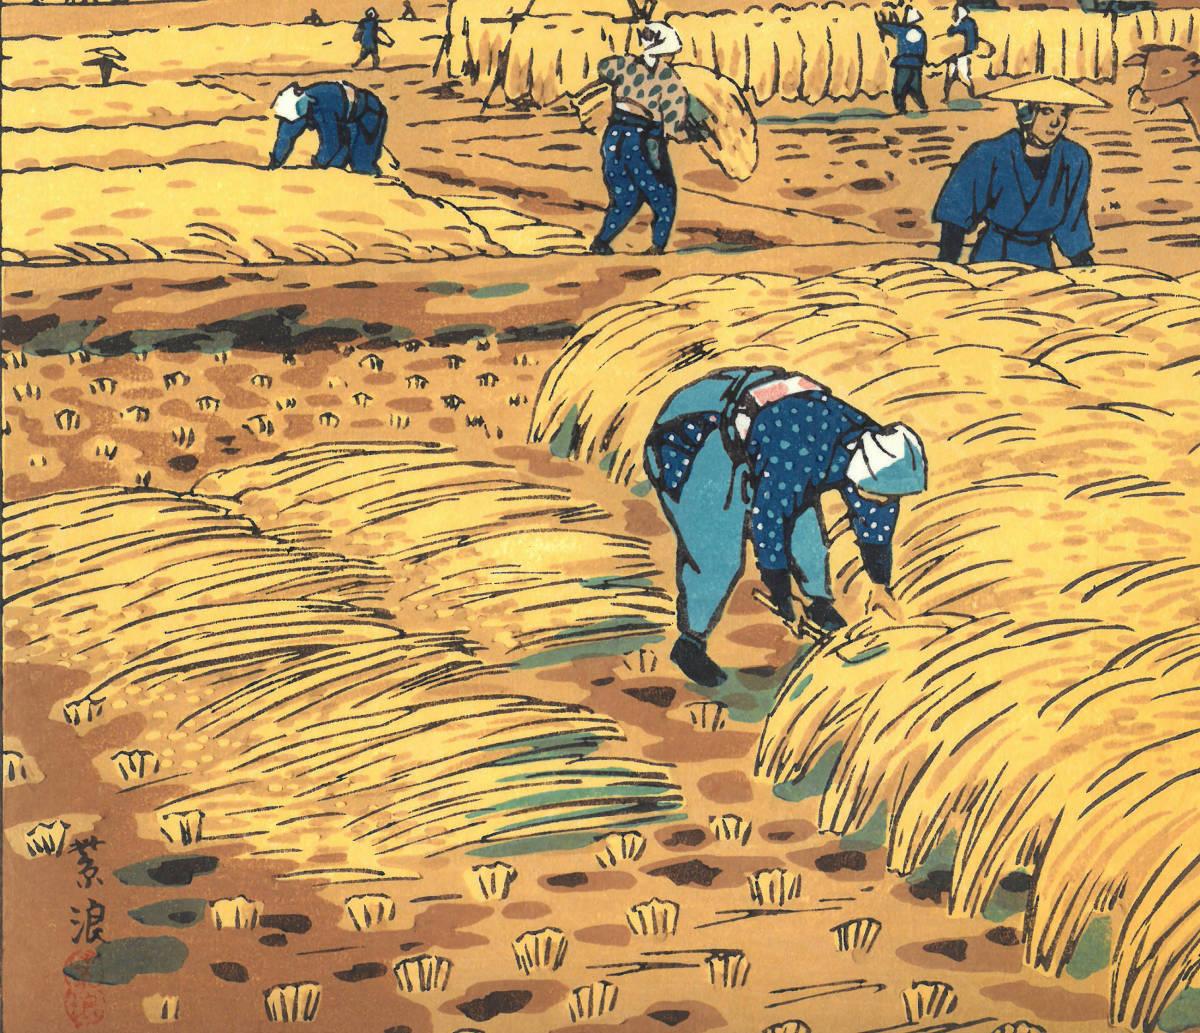 笠松作品専用額入り 笠松紫浪 木版画  sk6 とりいれ 新版画 初版昭和中期頃   京都の一流の摺師の技をご堪能ください!!_画像8